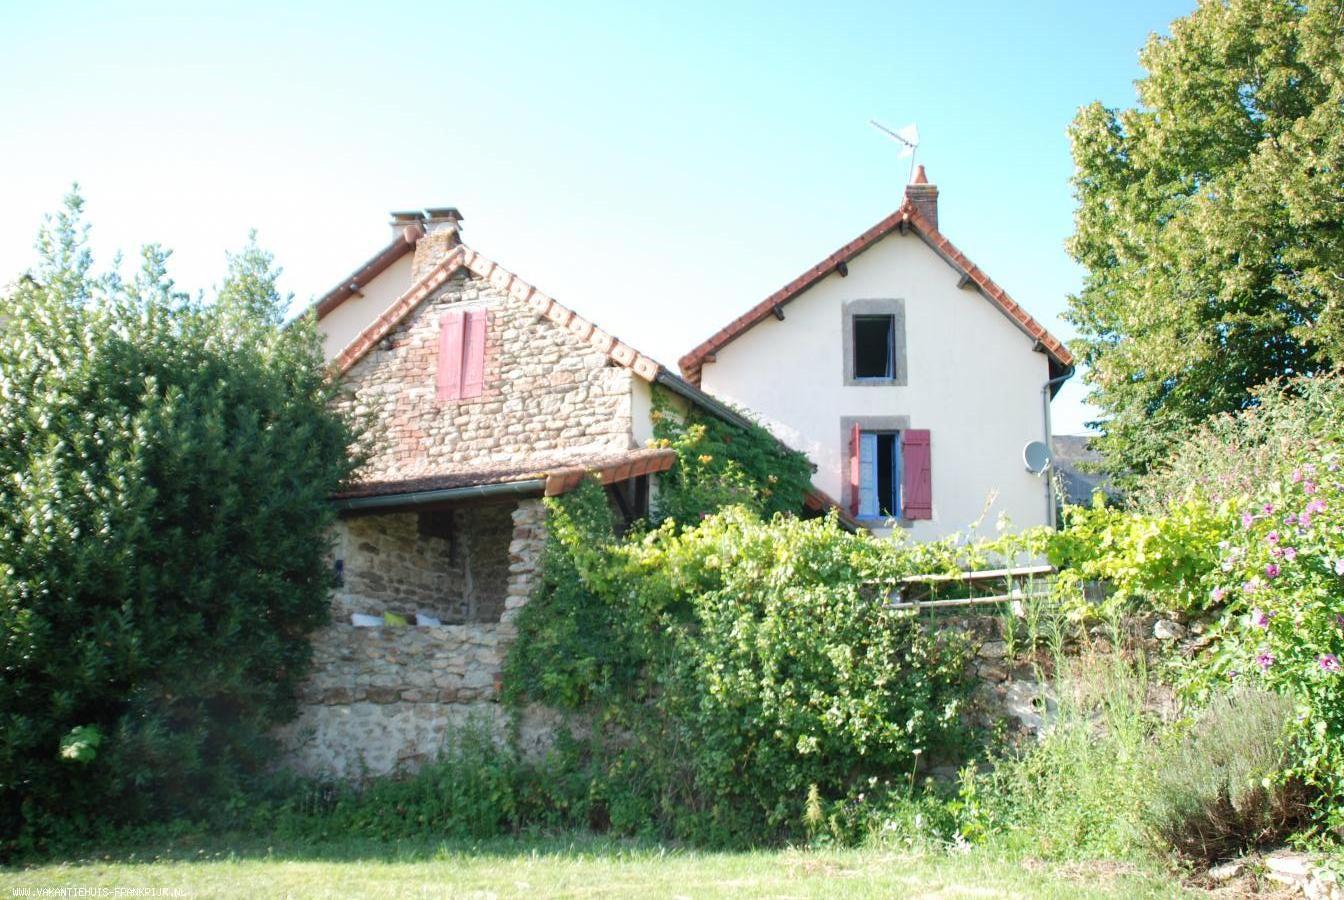 Vakantiehuis: Heerlijk vrijstaand zomerhuis met alle privacy en rust maar toch in de bewoonde wereld te huur voor uw vakantie in Saone et Loire (Frankrijk)